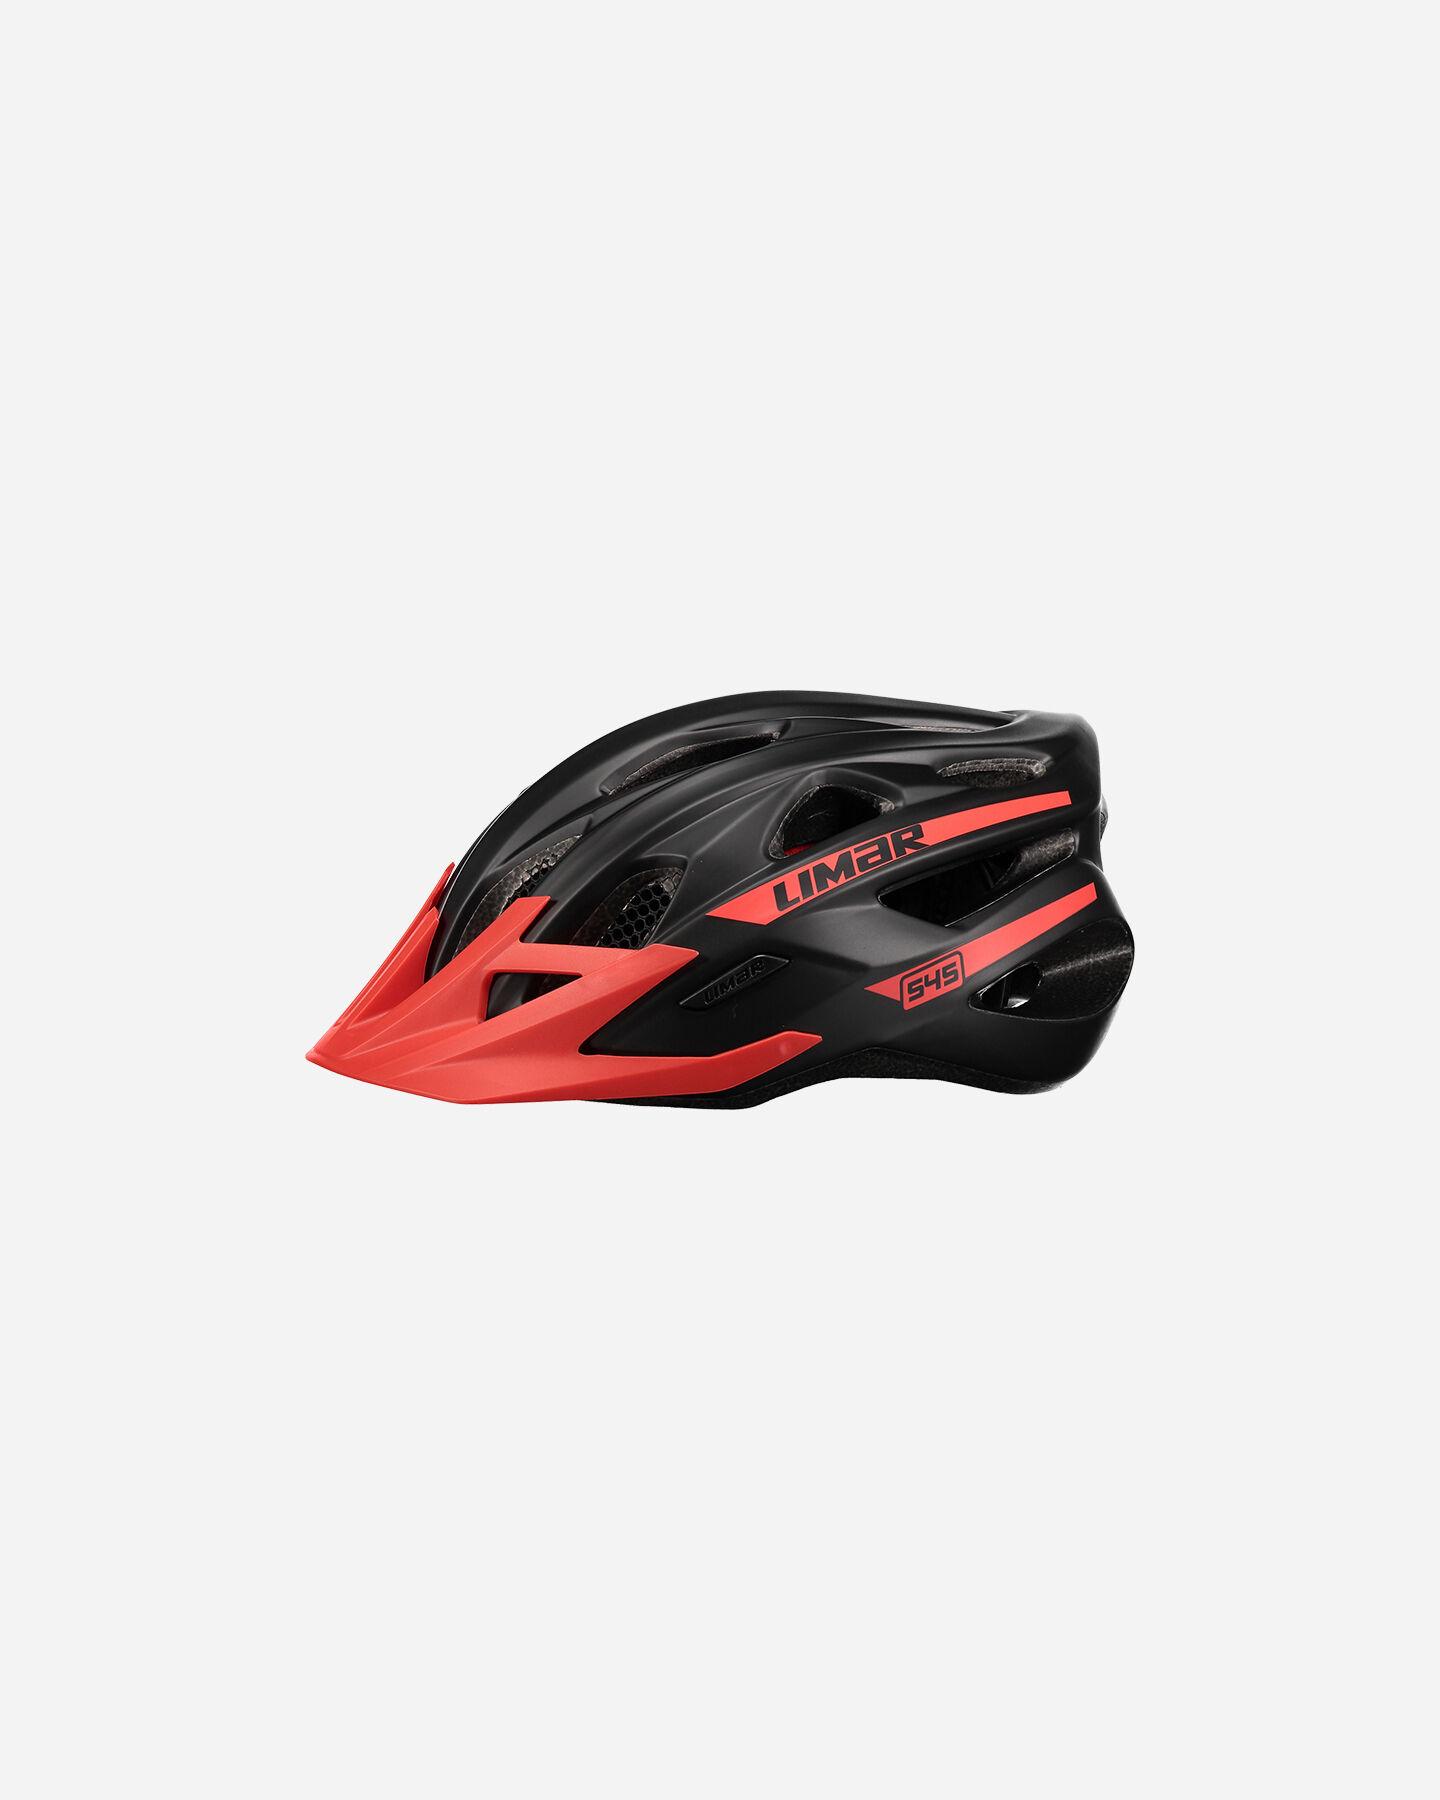 Casco bici LIMAR 545 S4013576 scatto 0